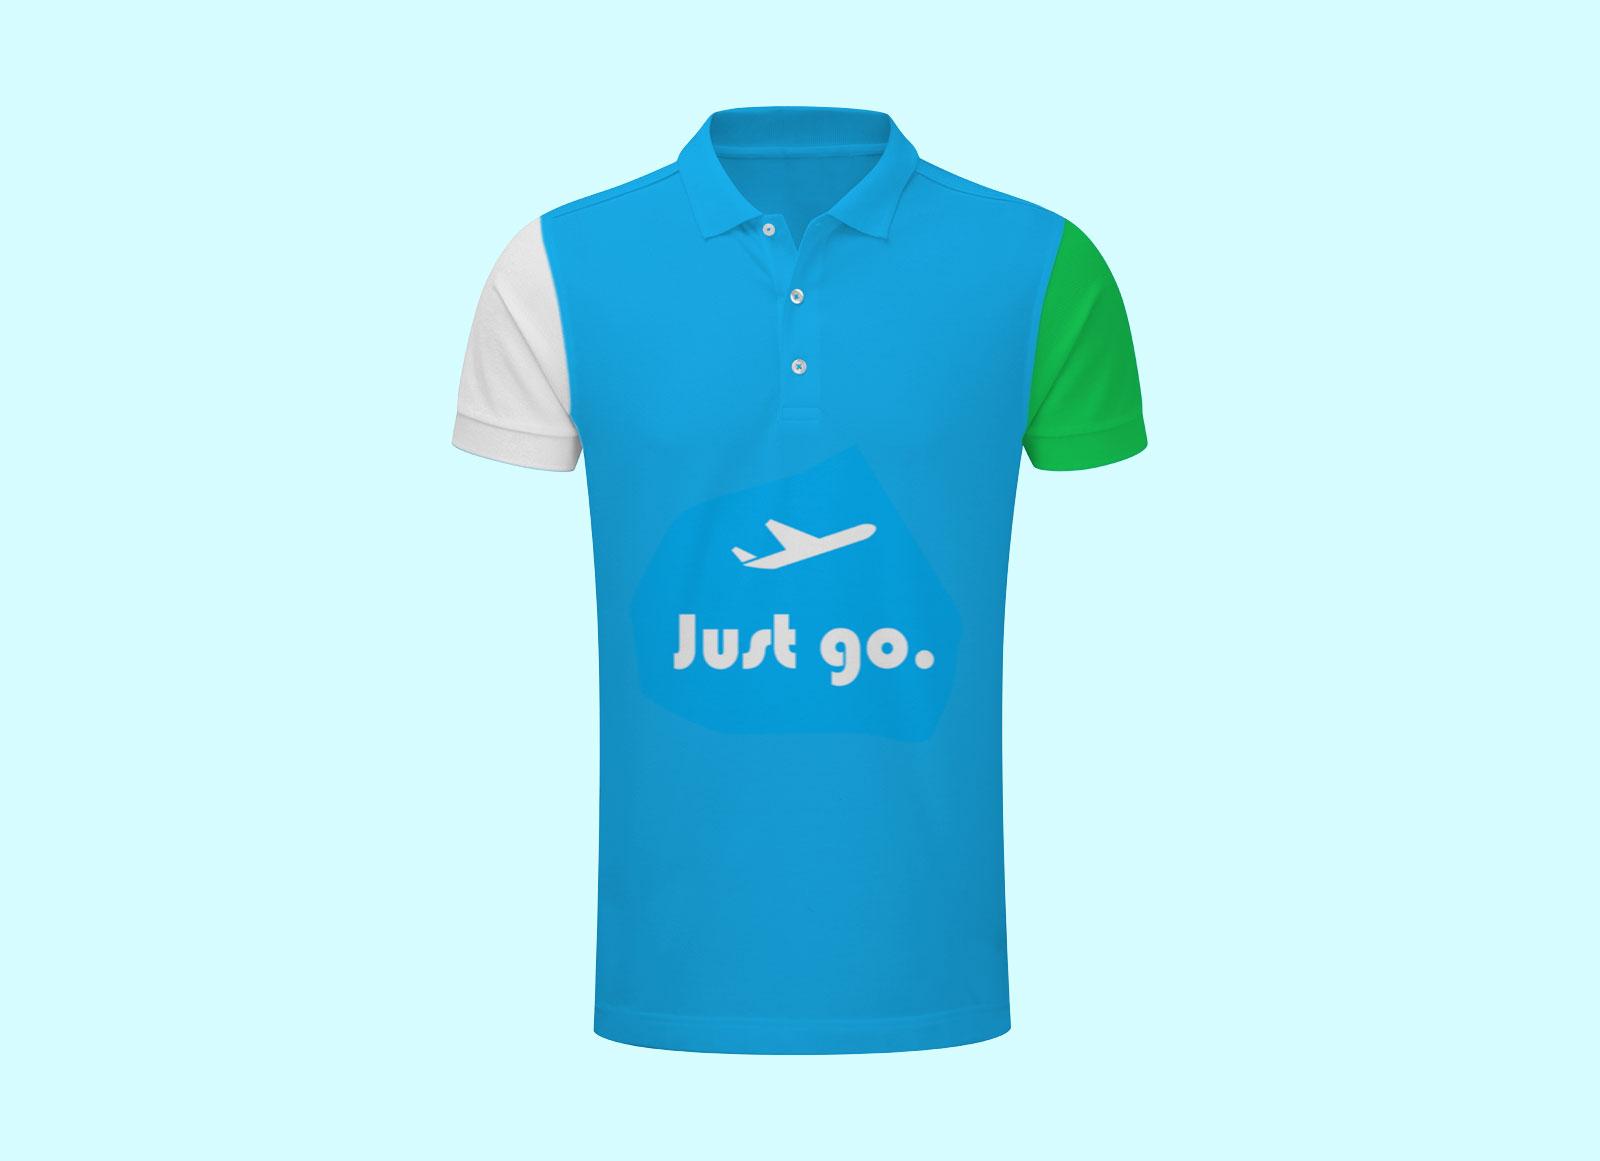 Free-Fully-Customziable-Polo-T-Shirt-Mockup-PSD-2